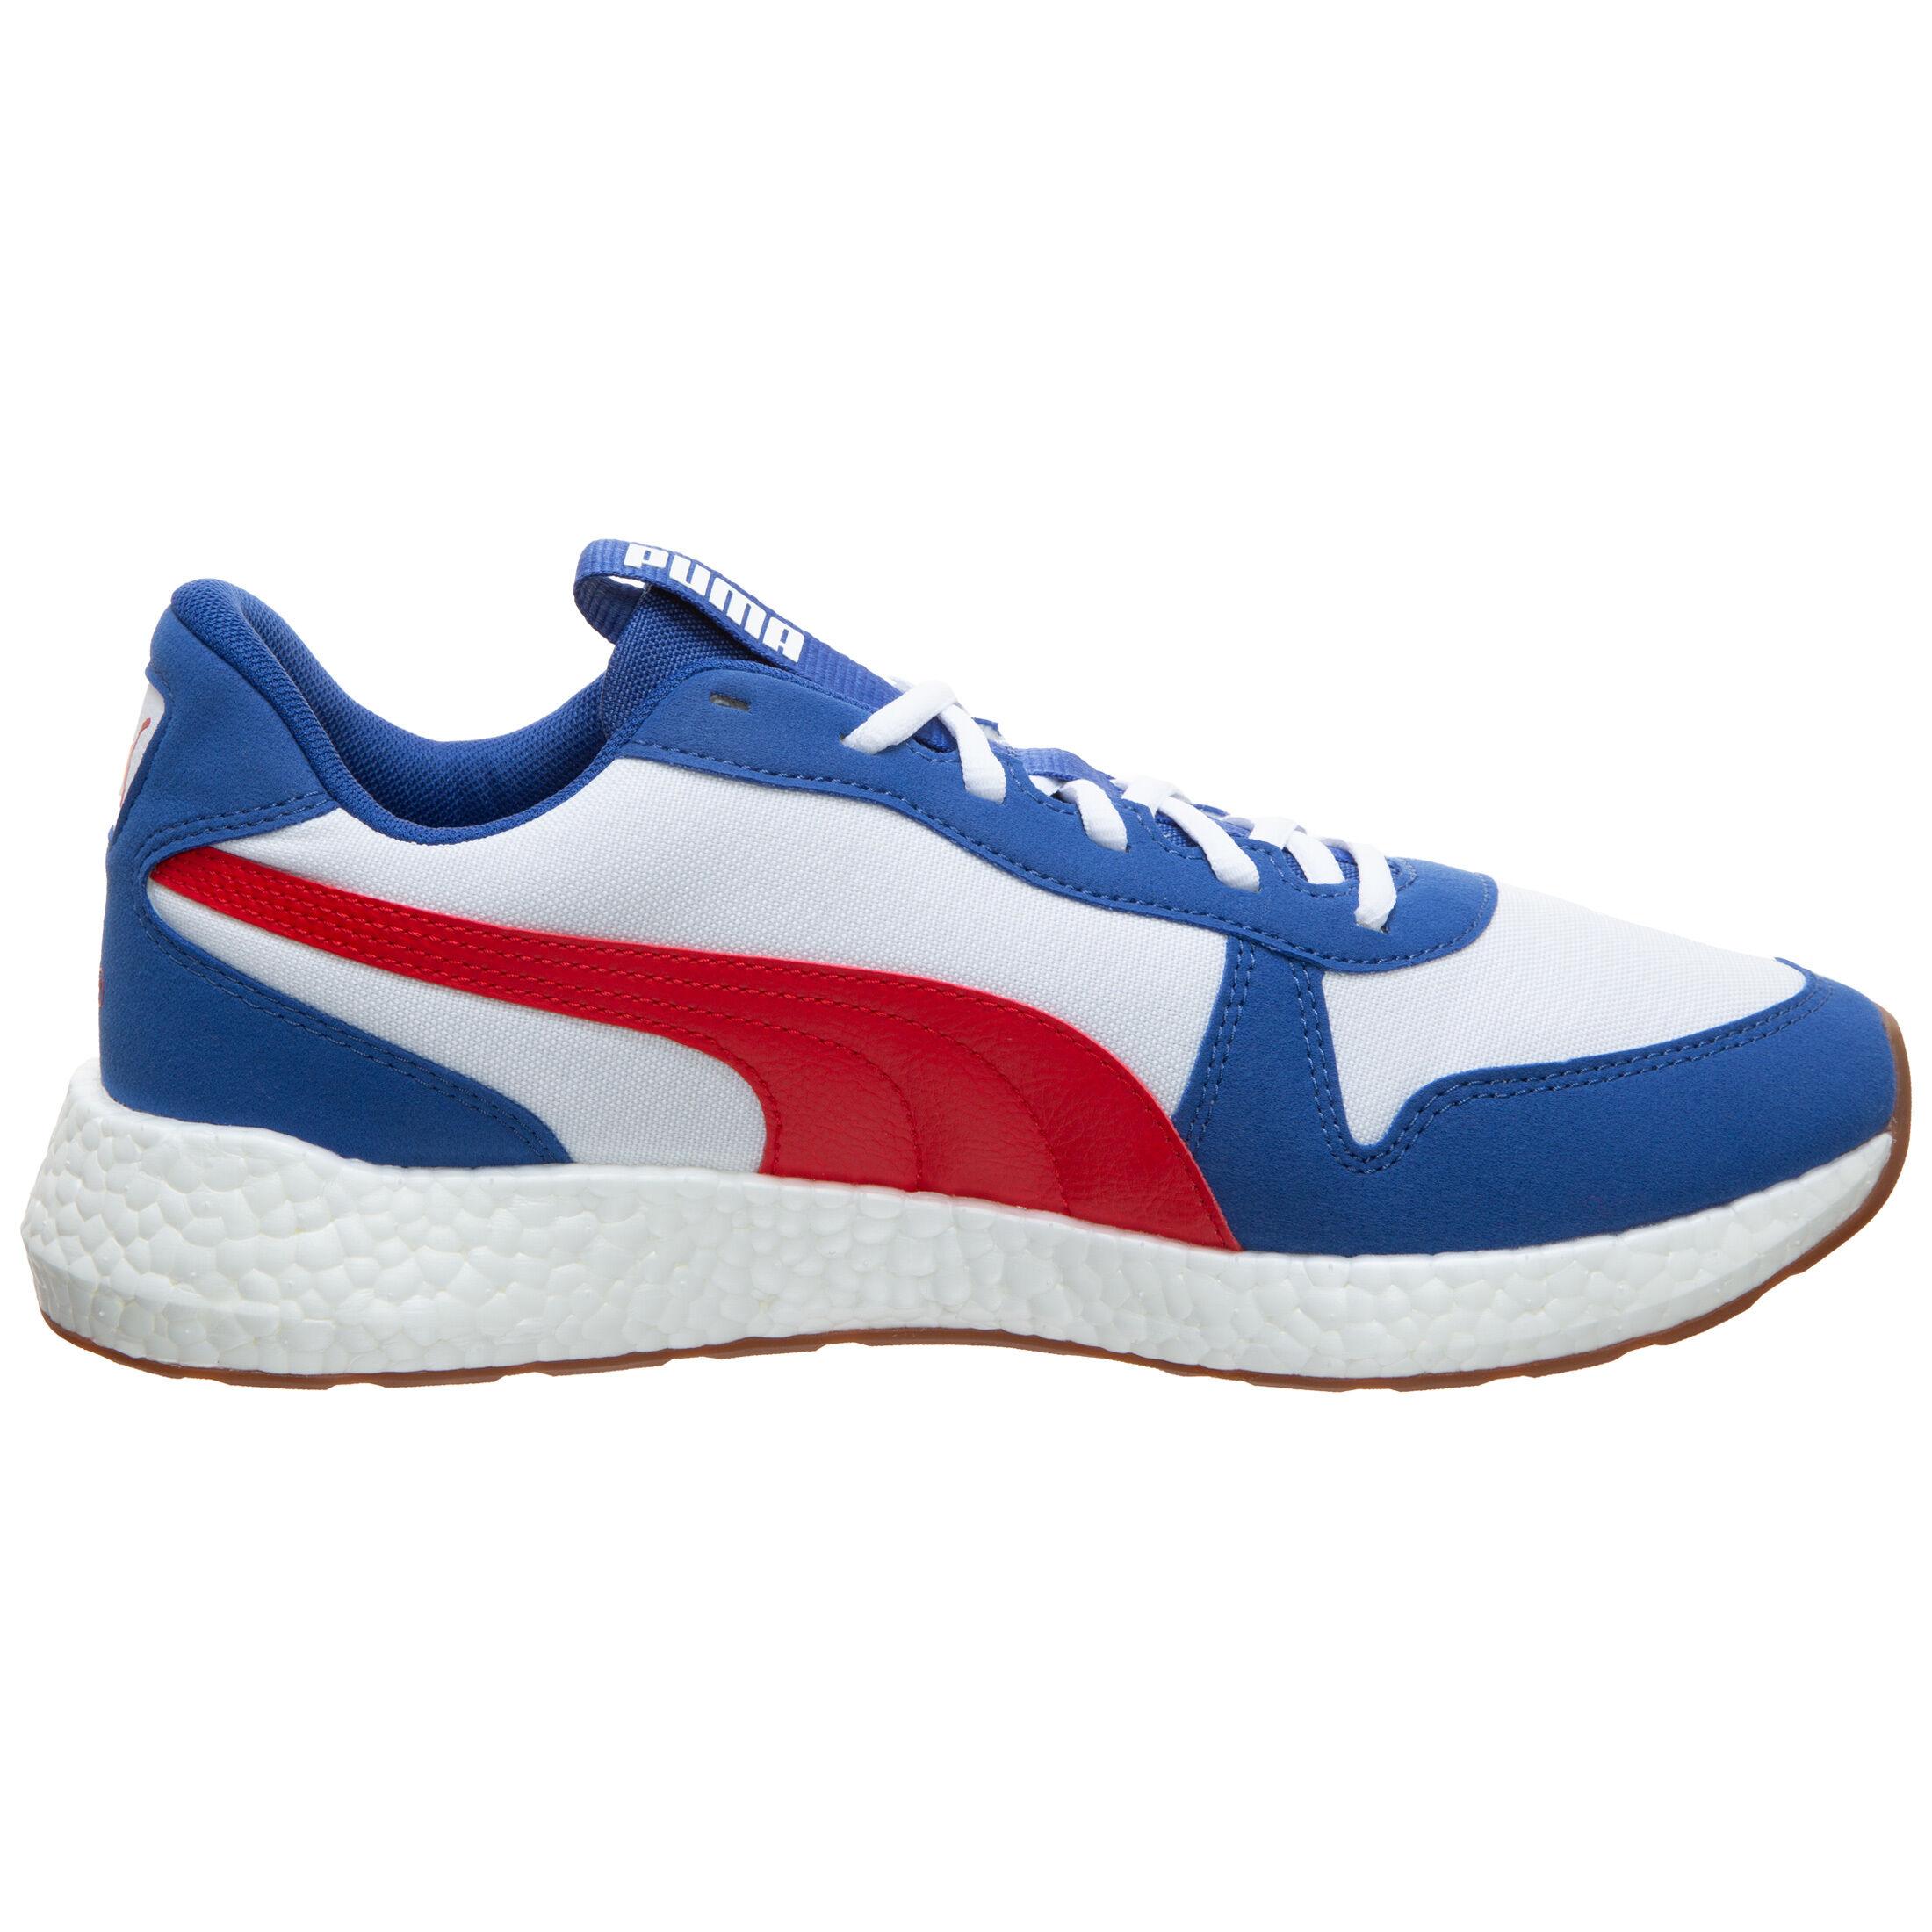 Neko Retro Herren Sneaker